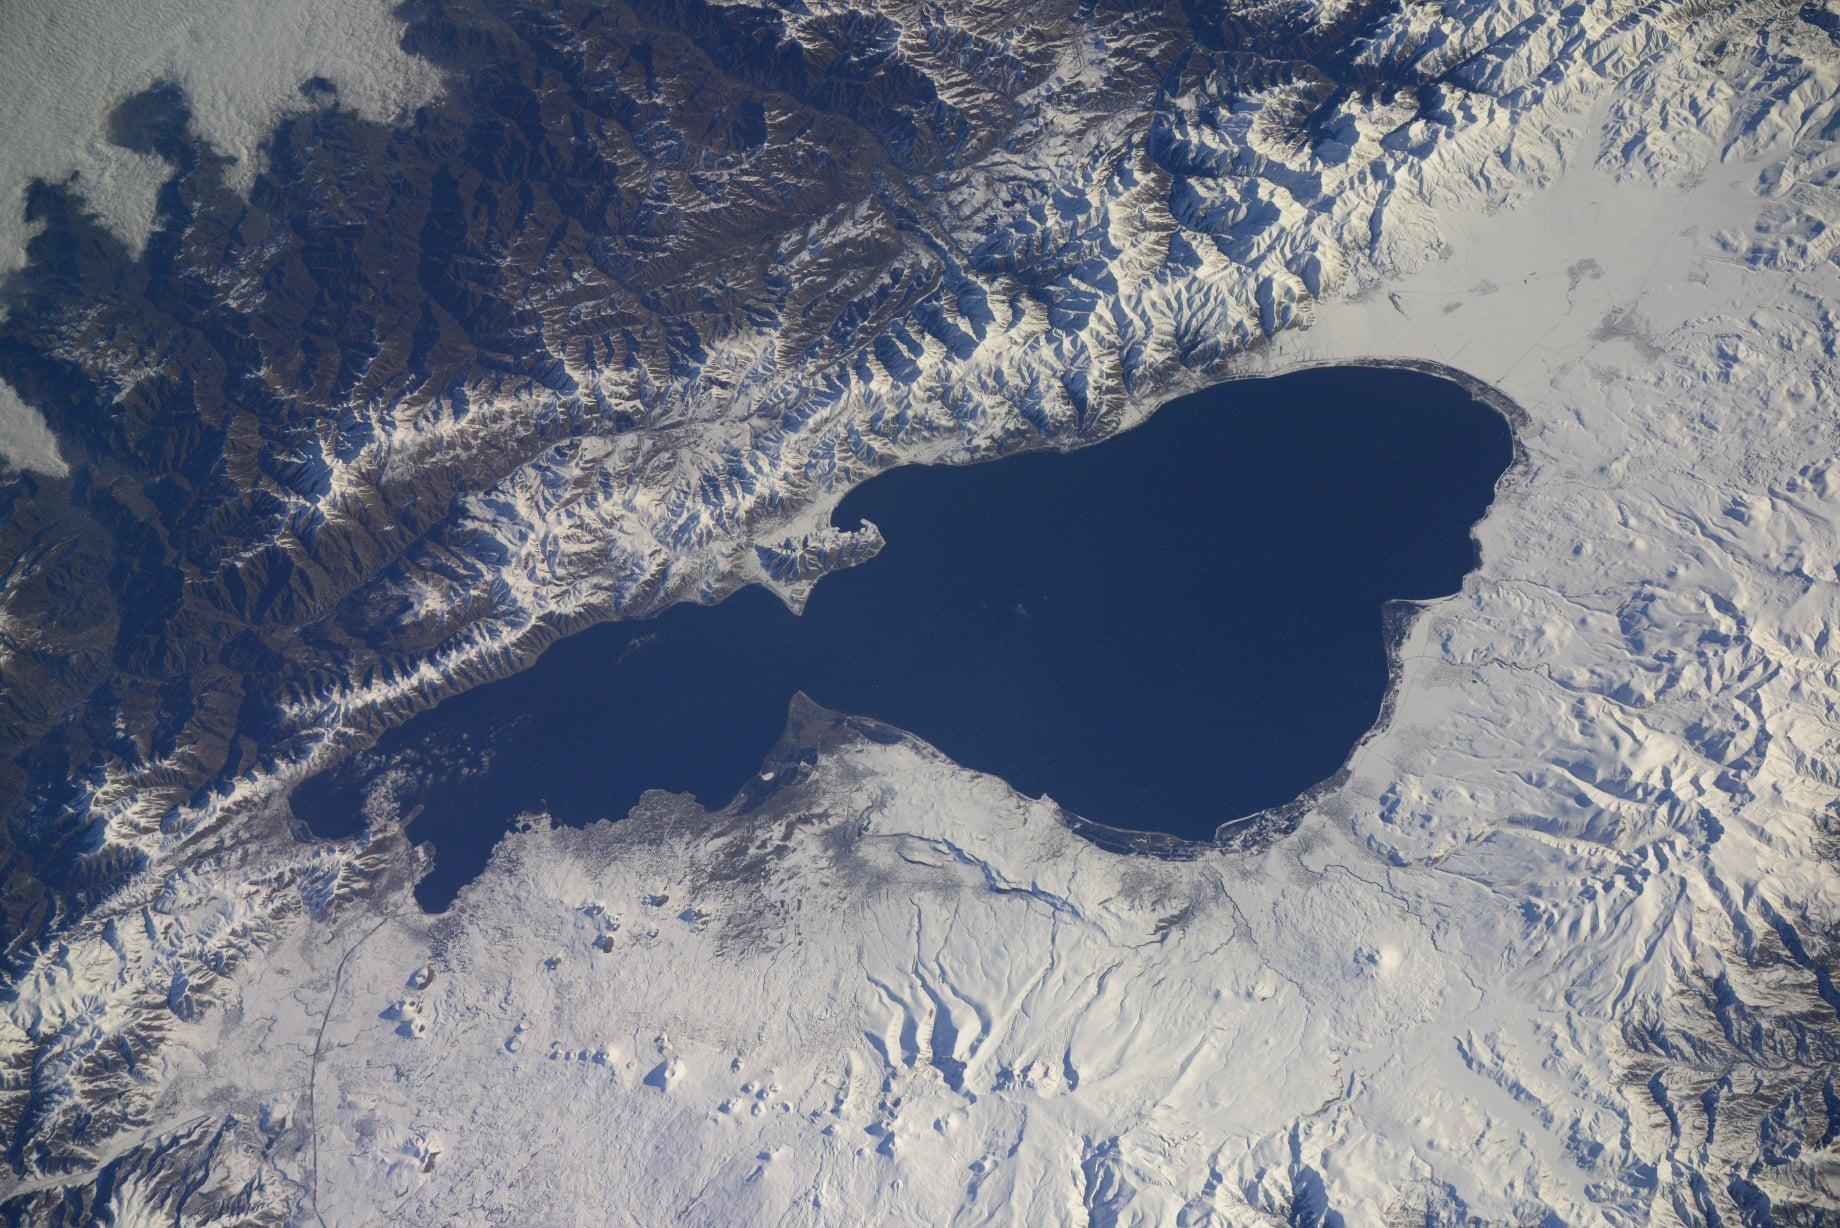 ՖՈՏՈ. Ռուս տիեզերագնաց Սերգեյ Կուդ-Սվերչկովը տիեզերքից նկարել է Սևանա լիճն ու Երևանը